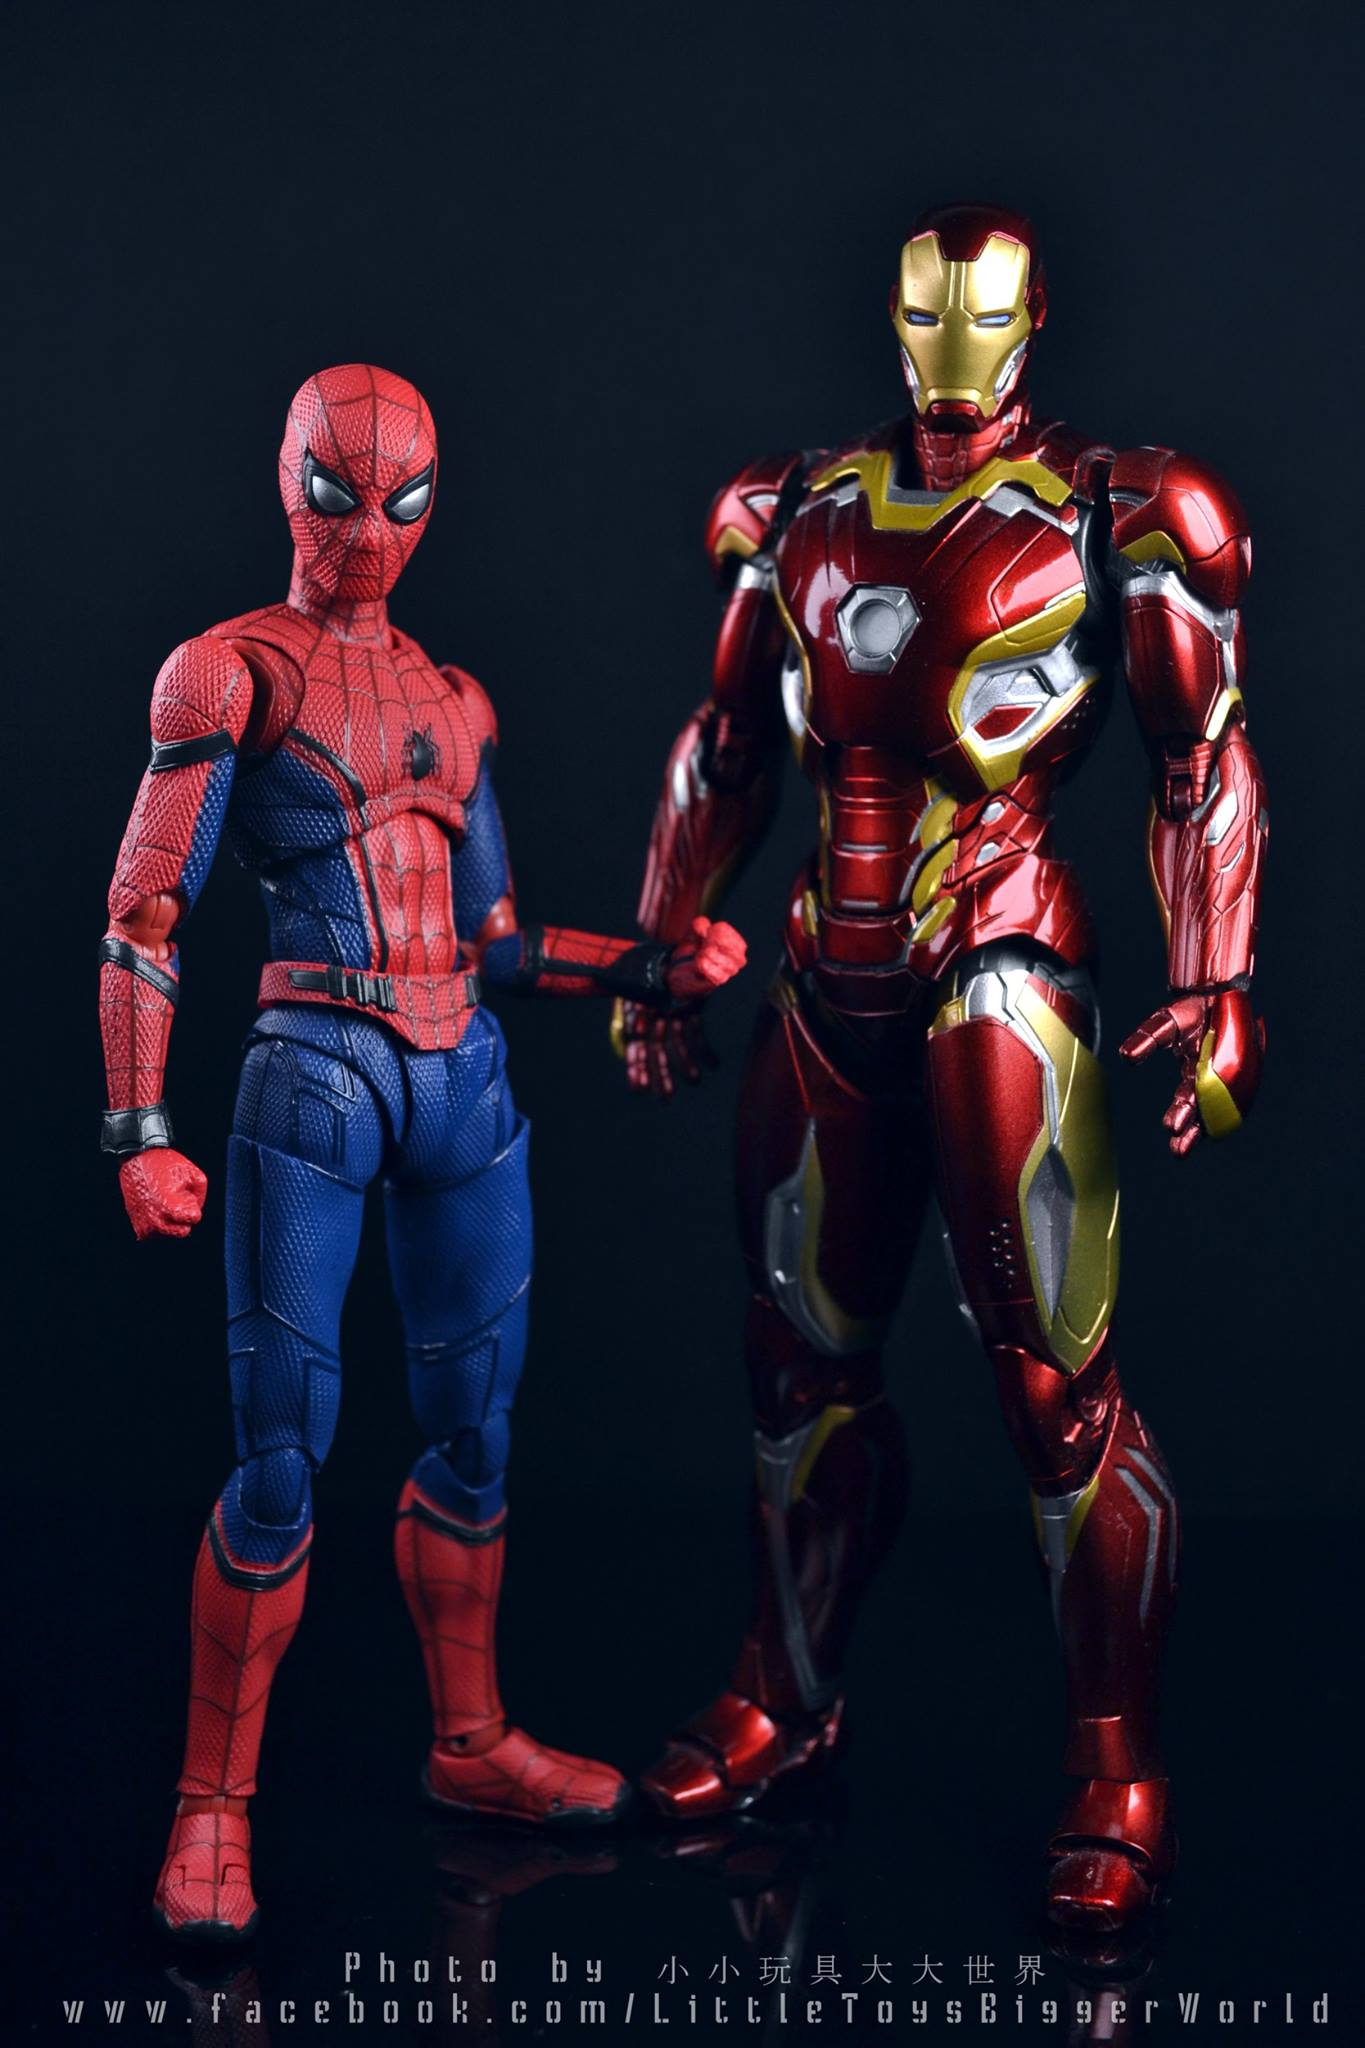 [Comentários] Marvel S.H.Figuarts - Página 3 Bfb53EEO